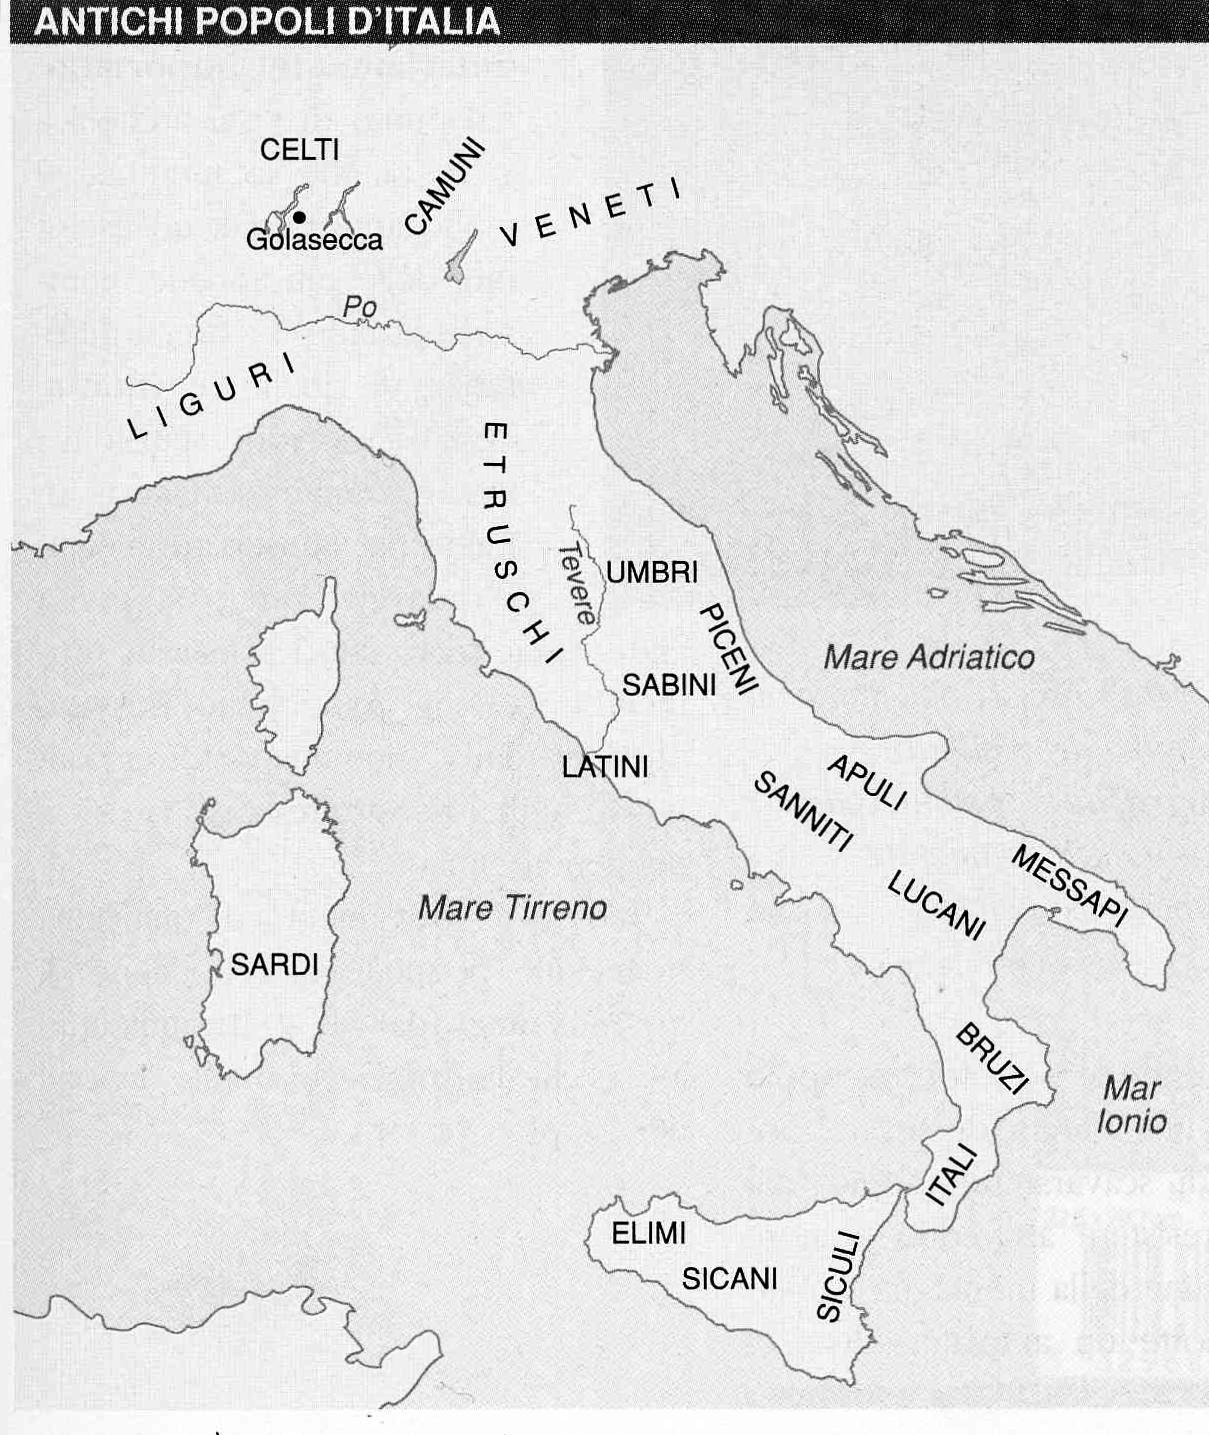 Cartina Italia Anno 500.Esabac Seconde Storia La Cittadinanza Nell Impero Romano Secoli I E Ii Un Compito Di Piu